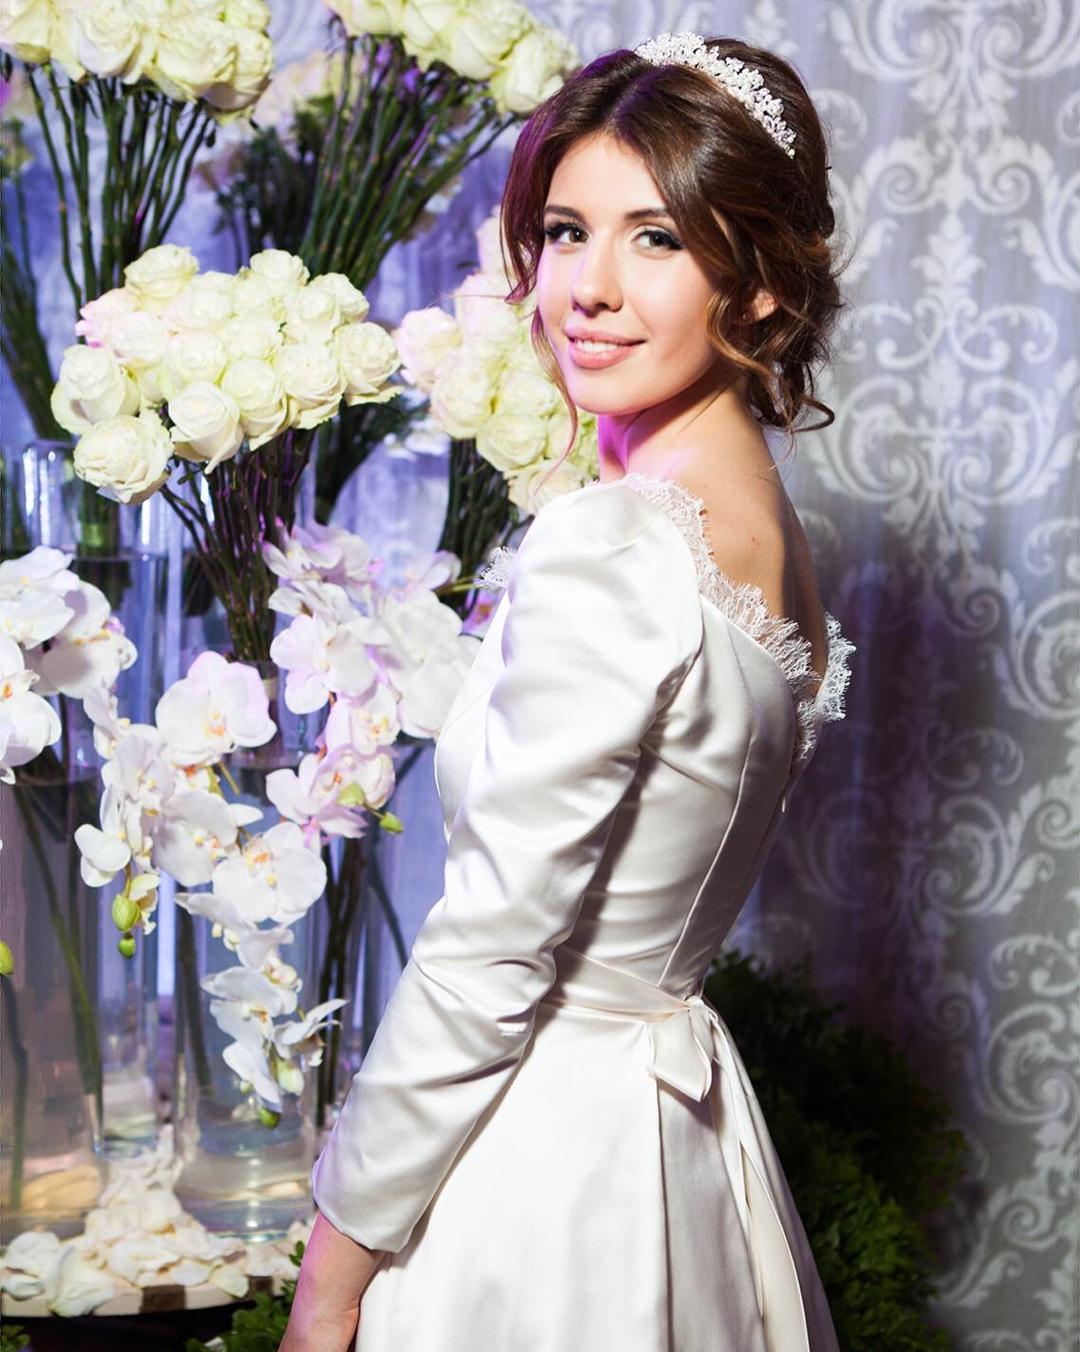 Екатерина Одинцова души не чает в невестке